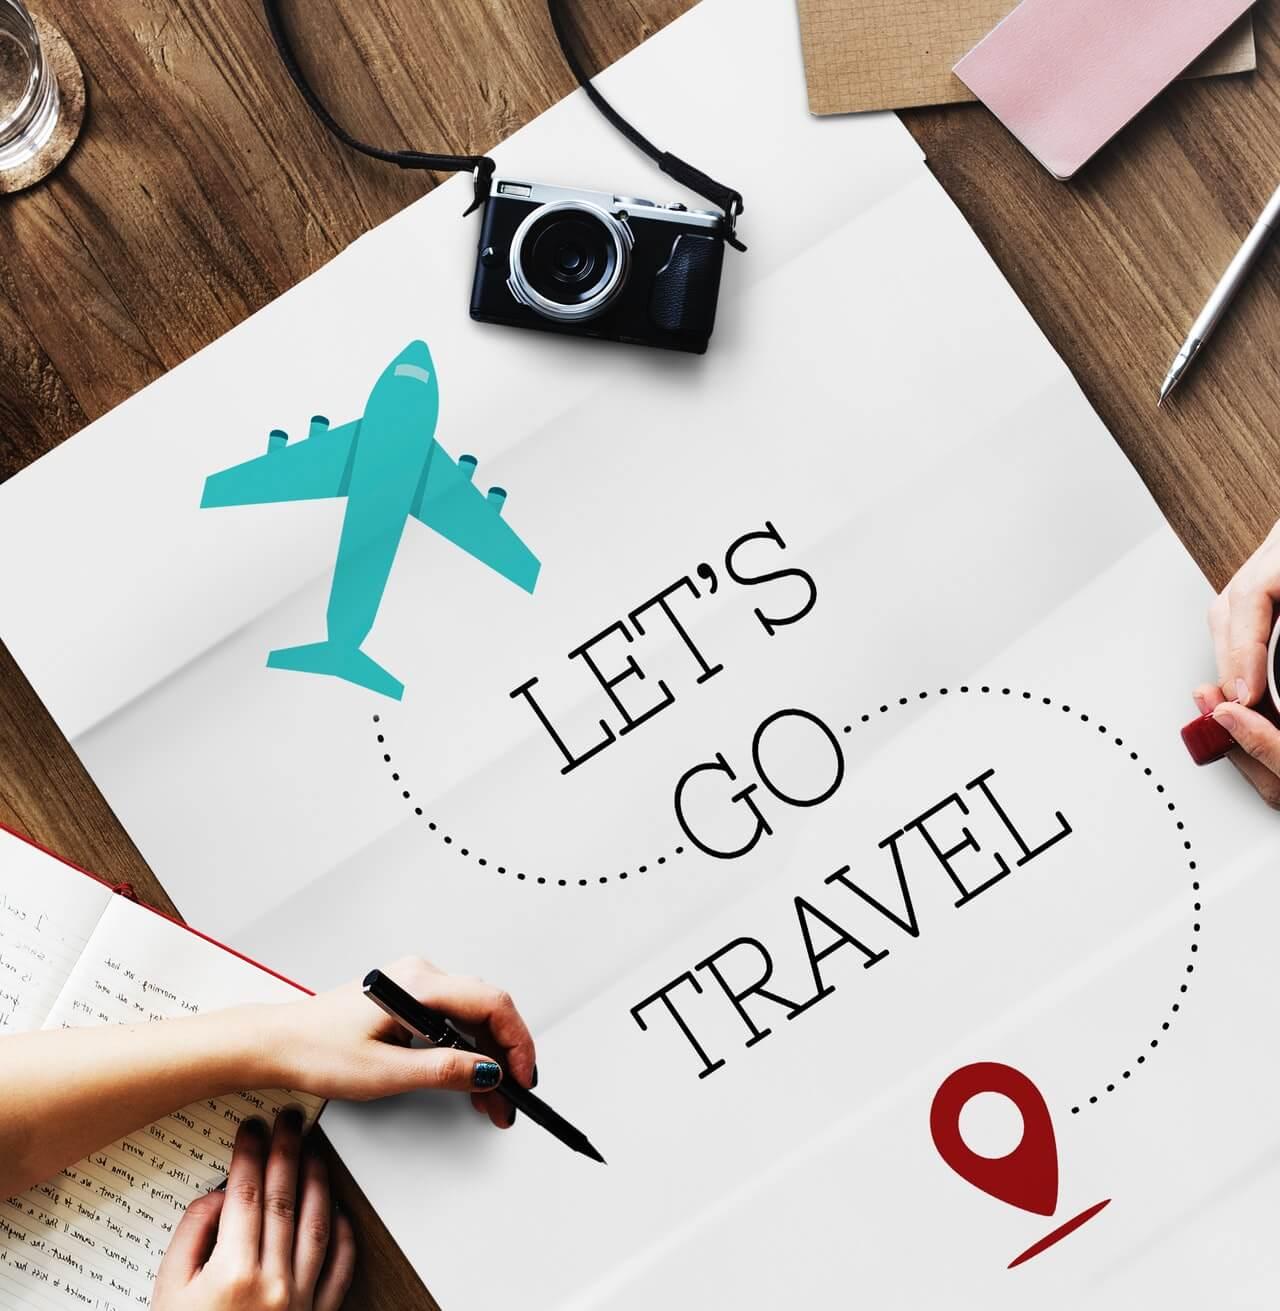 Binnenkort op vakantie? Met deze vakantie checklist ga je goed voorbereid op vakantie.